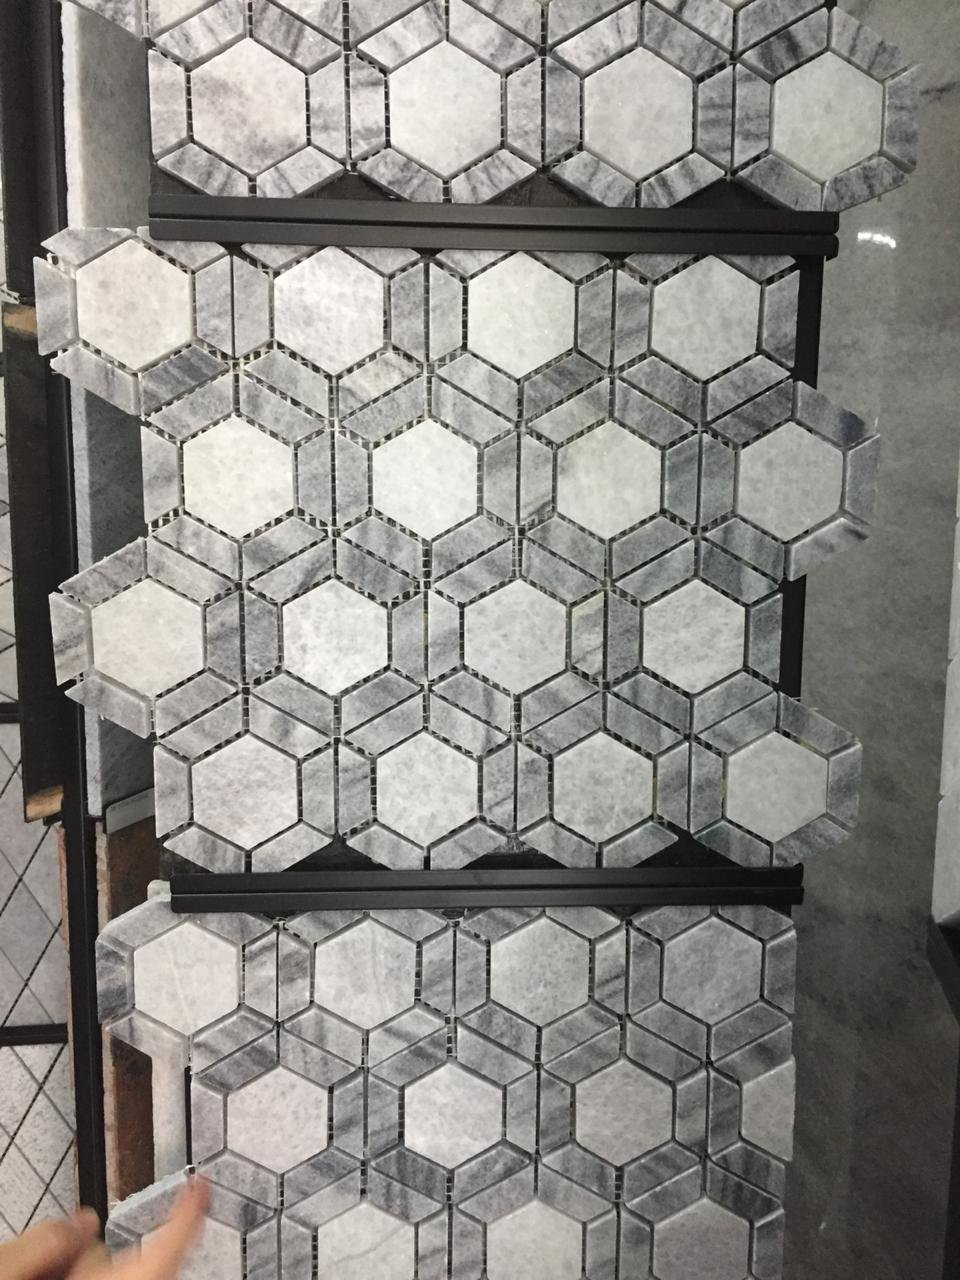 Bali White Marble Mosaic Stone Tile